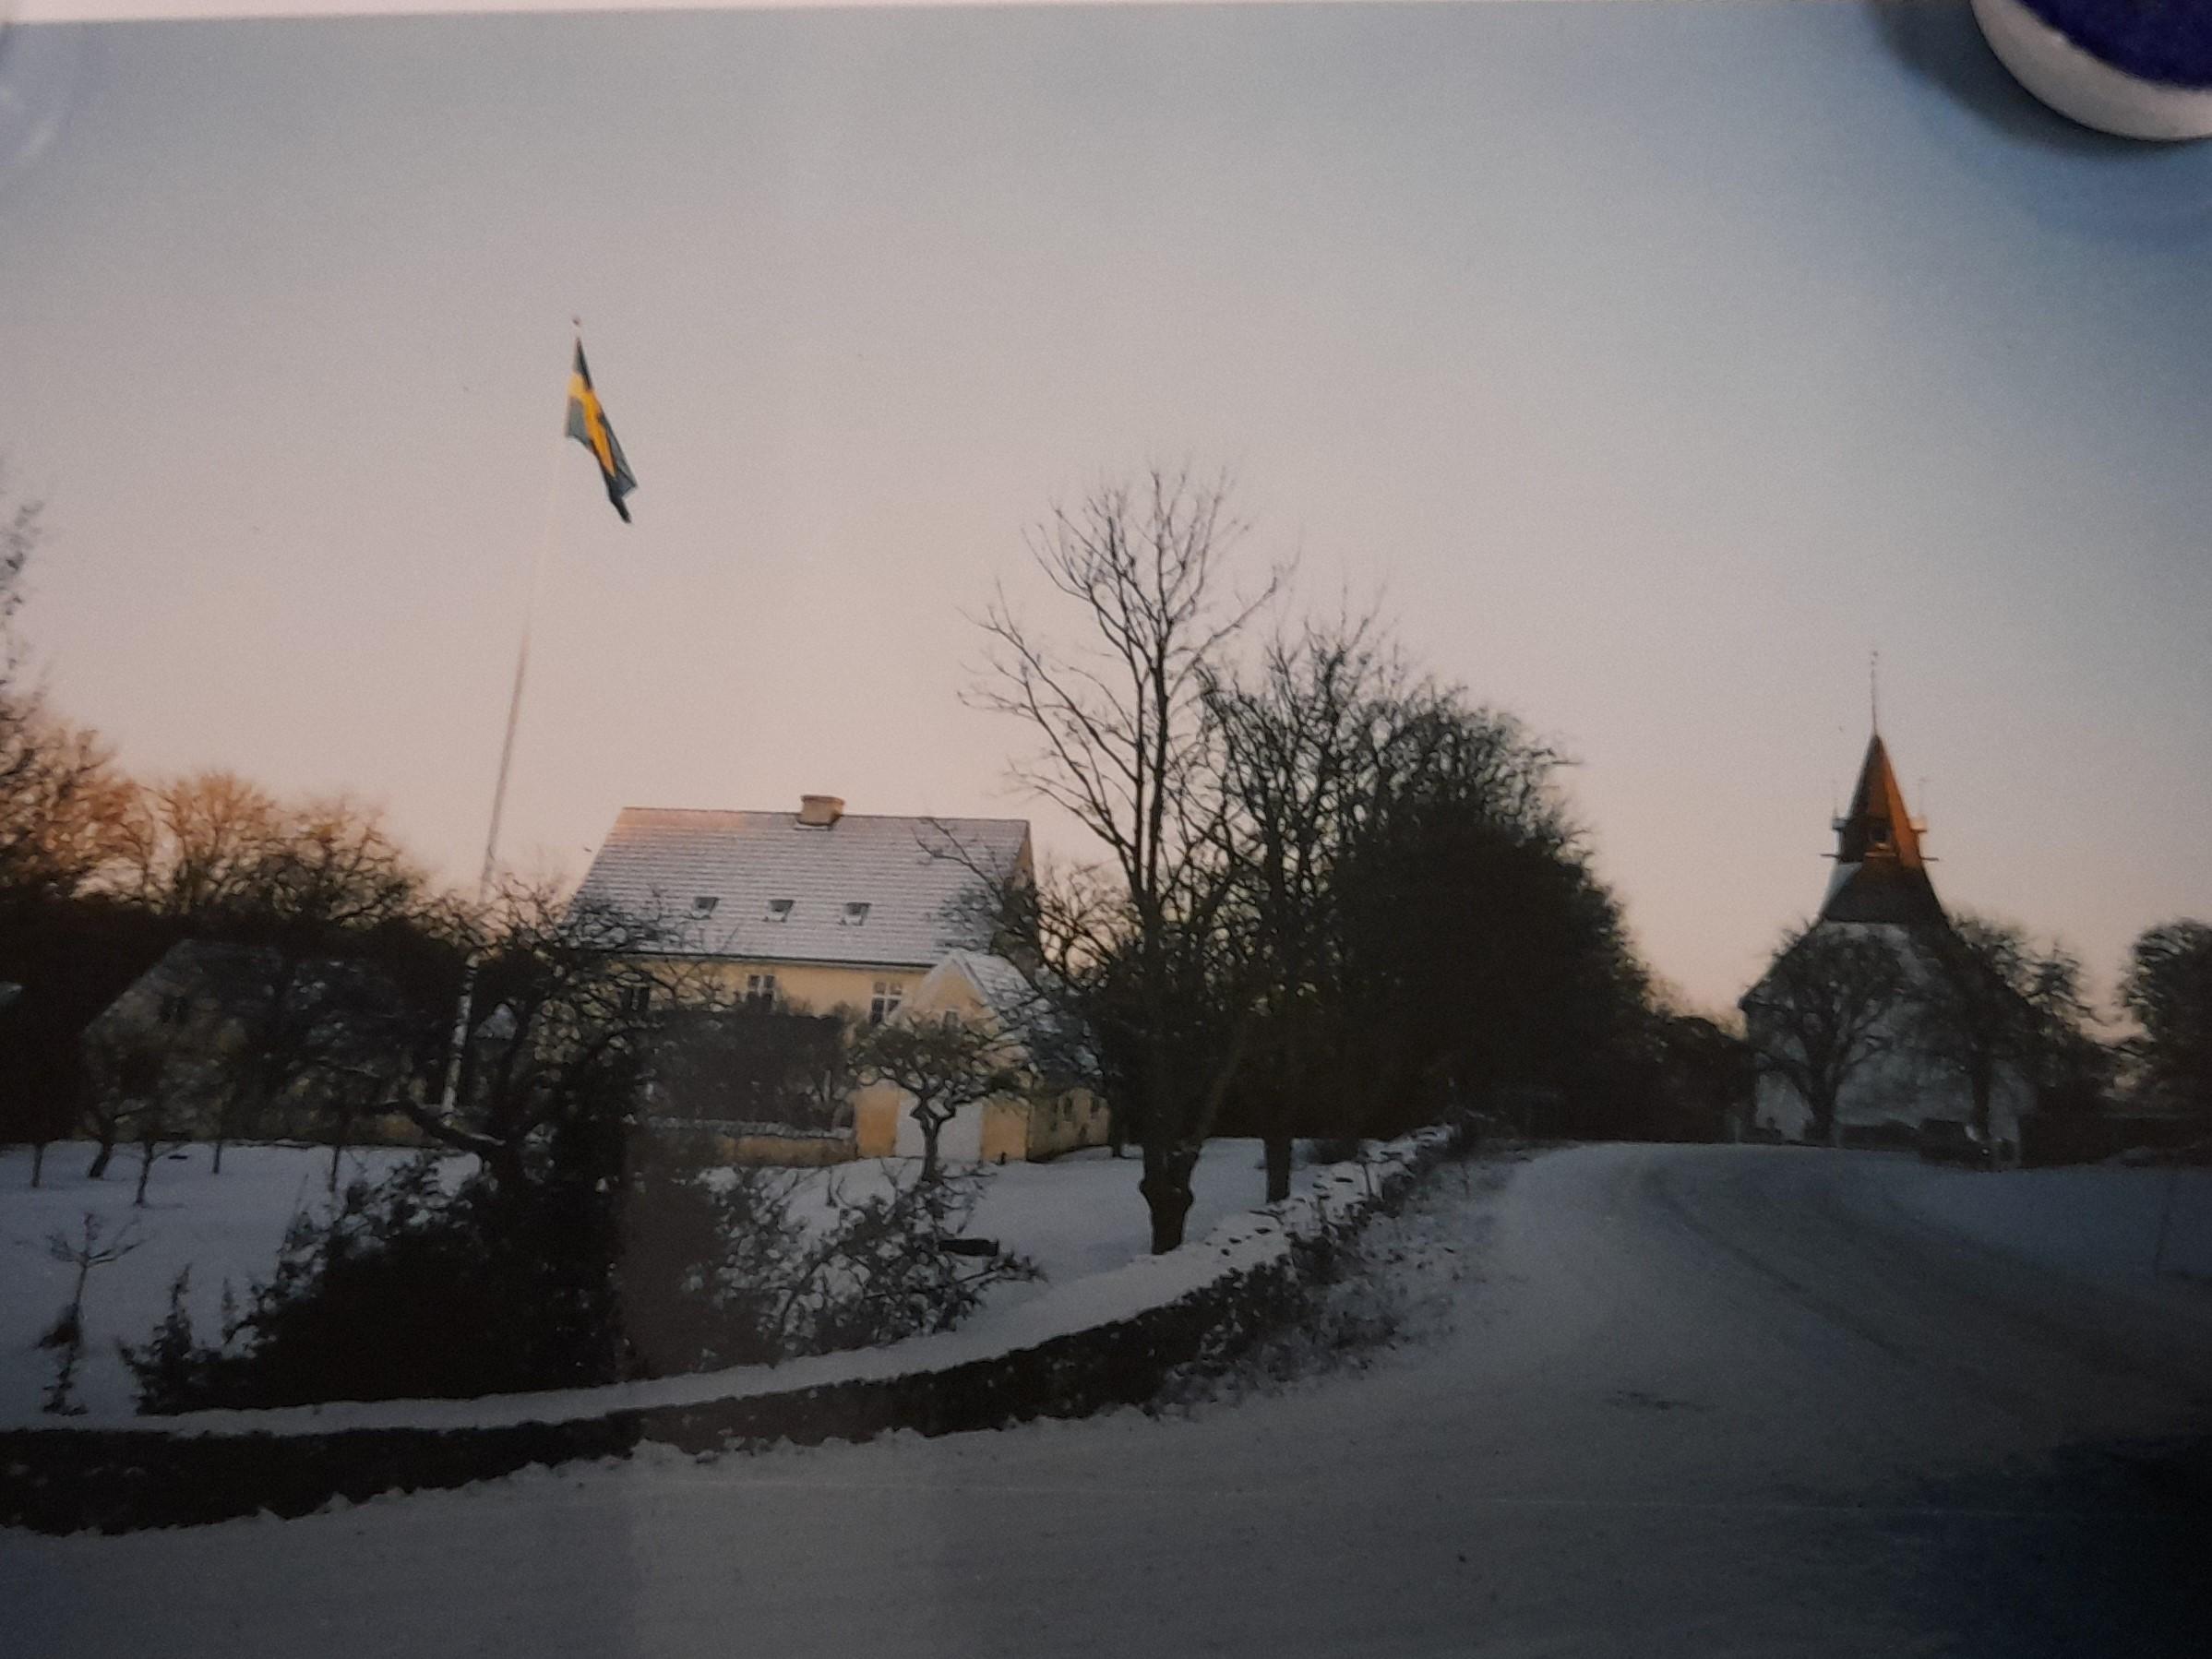 Östergarns prästgård 2